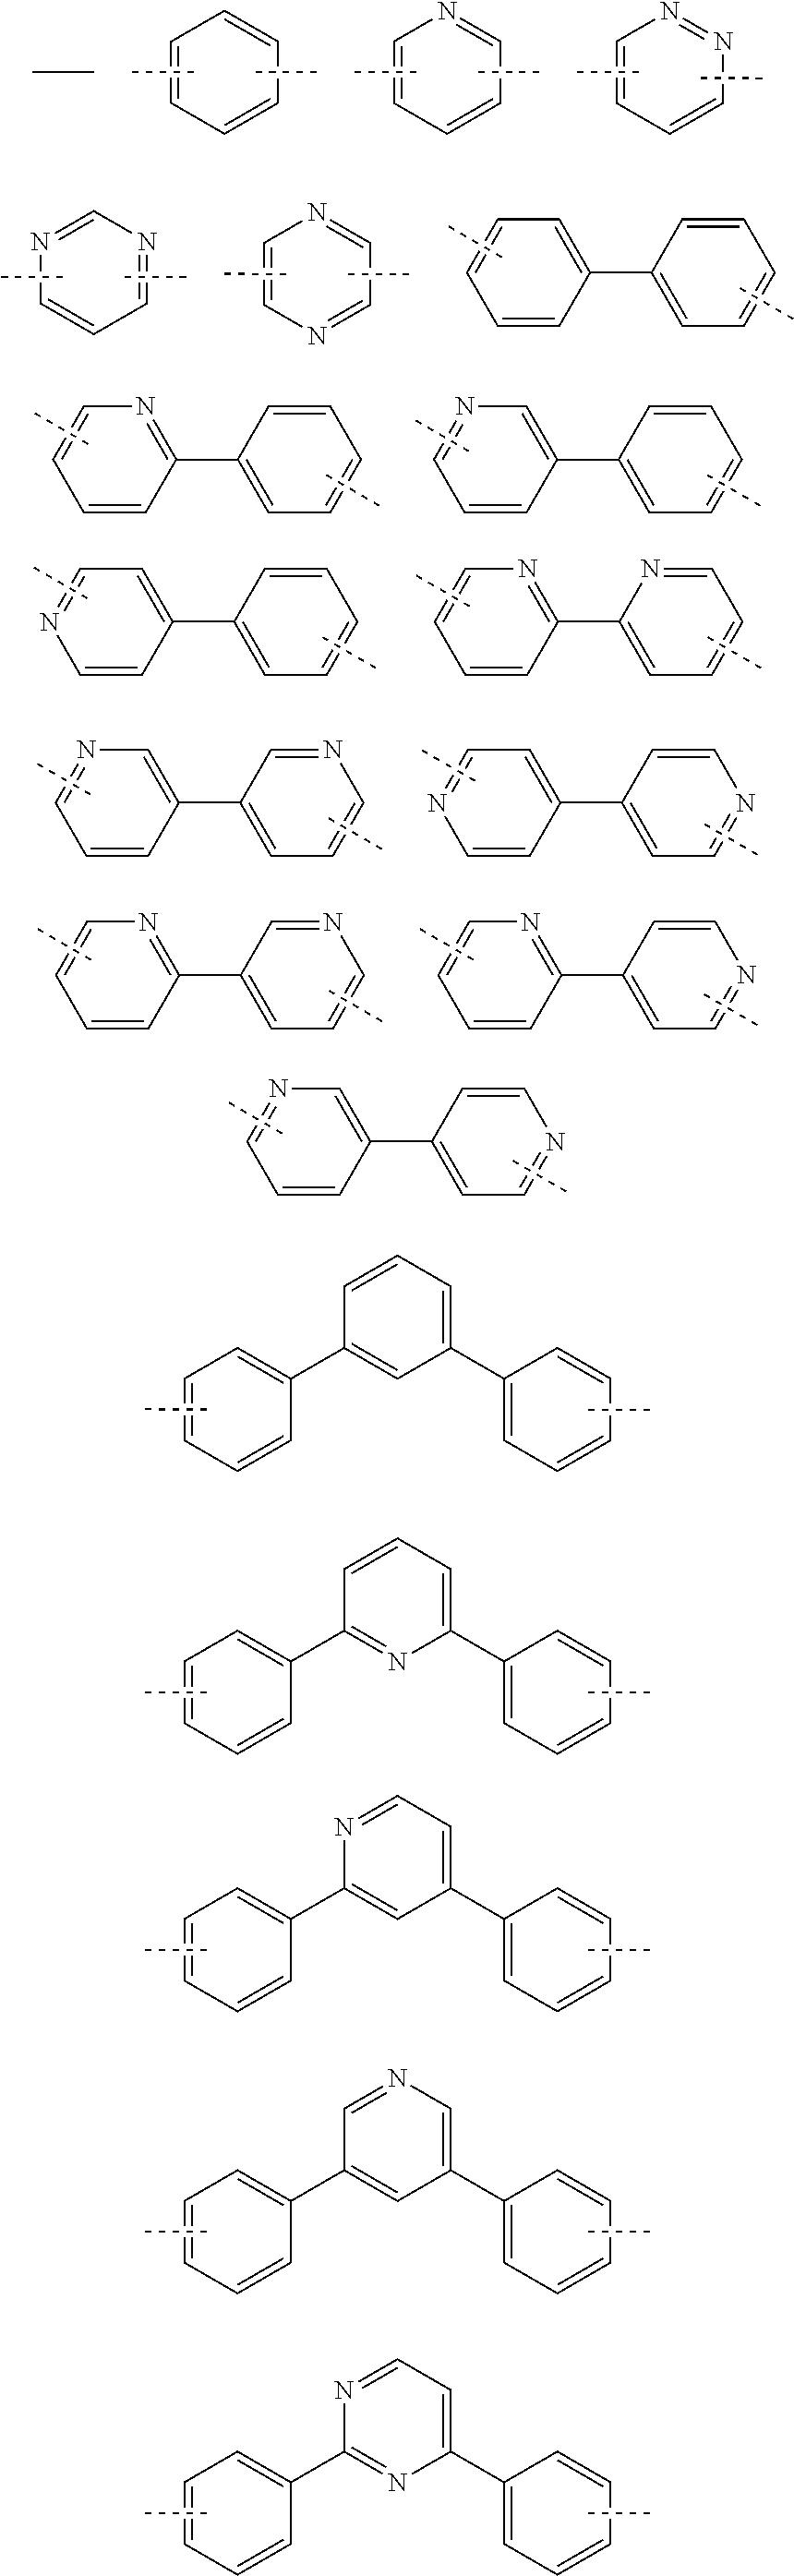 Figure US08652656-20140218-C00014